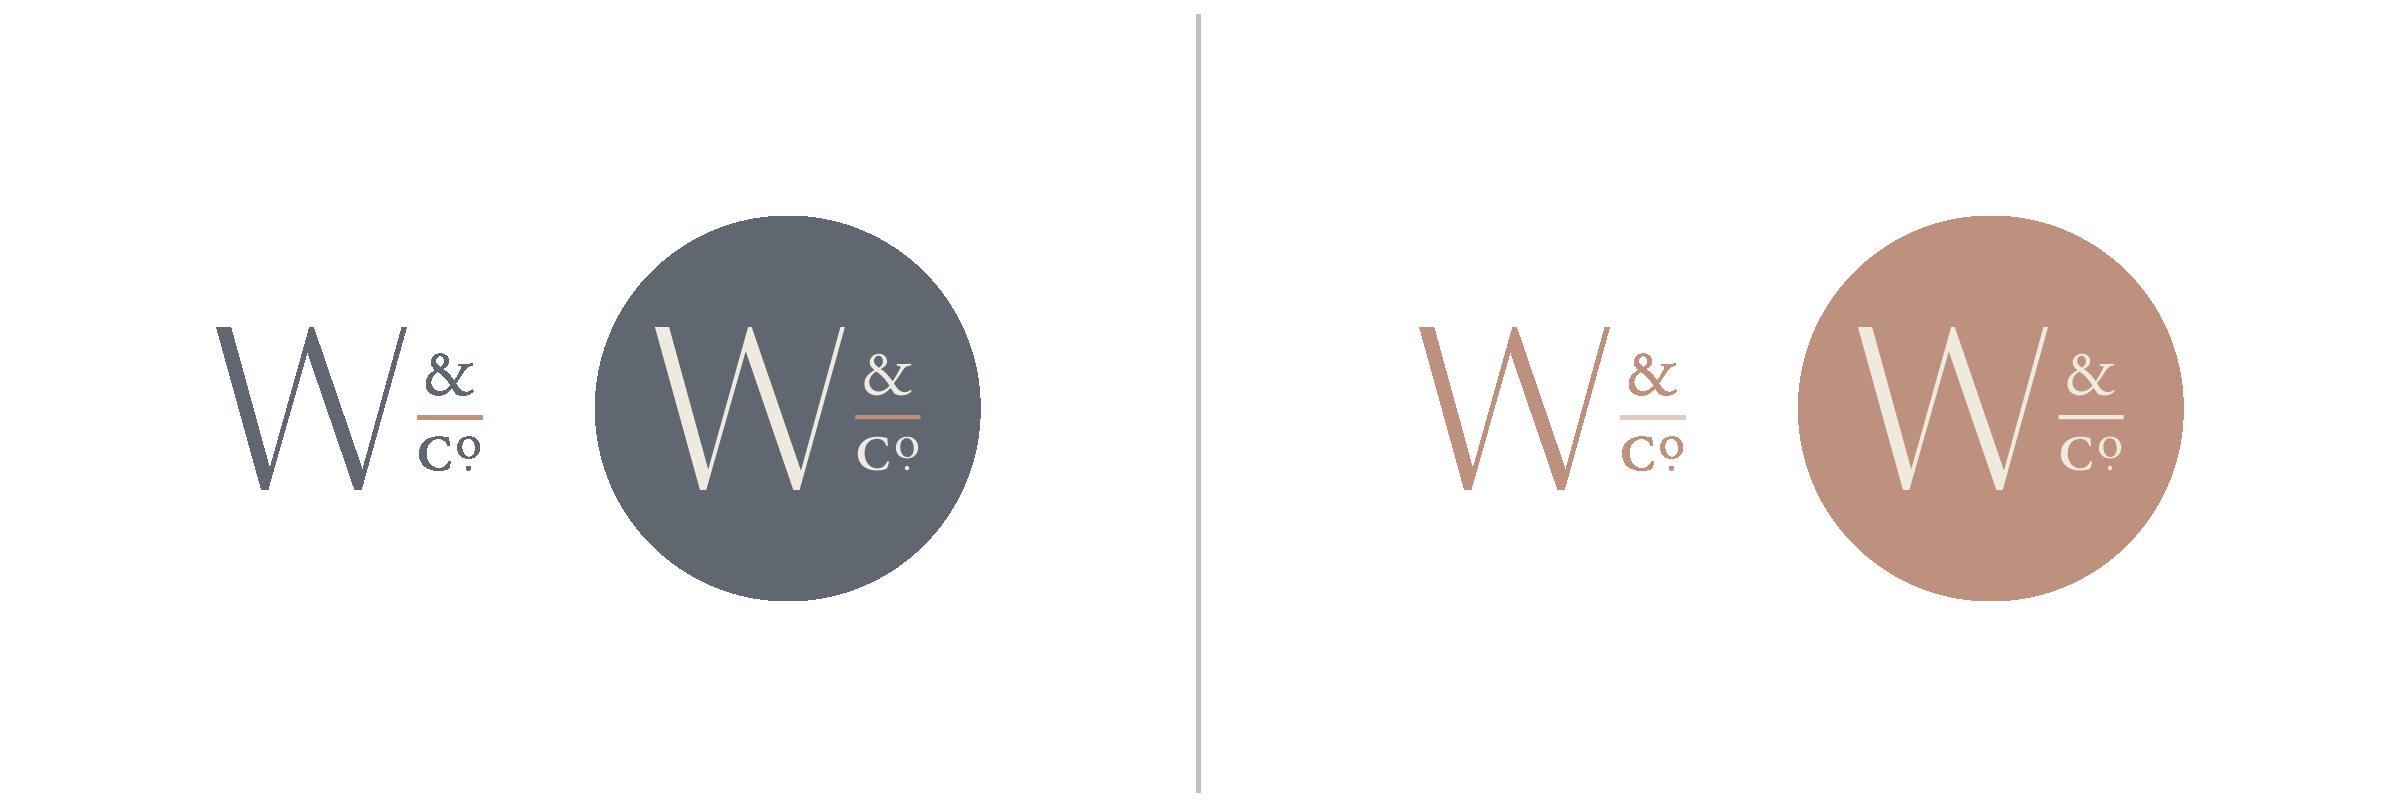 WW&Co-Portfolio-2019-02.png